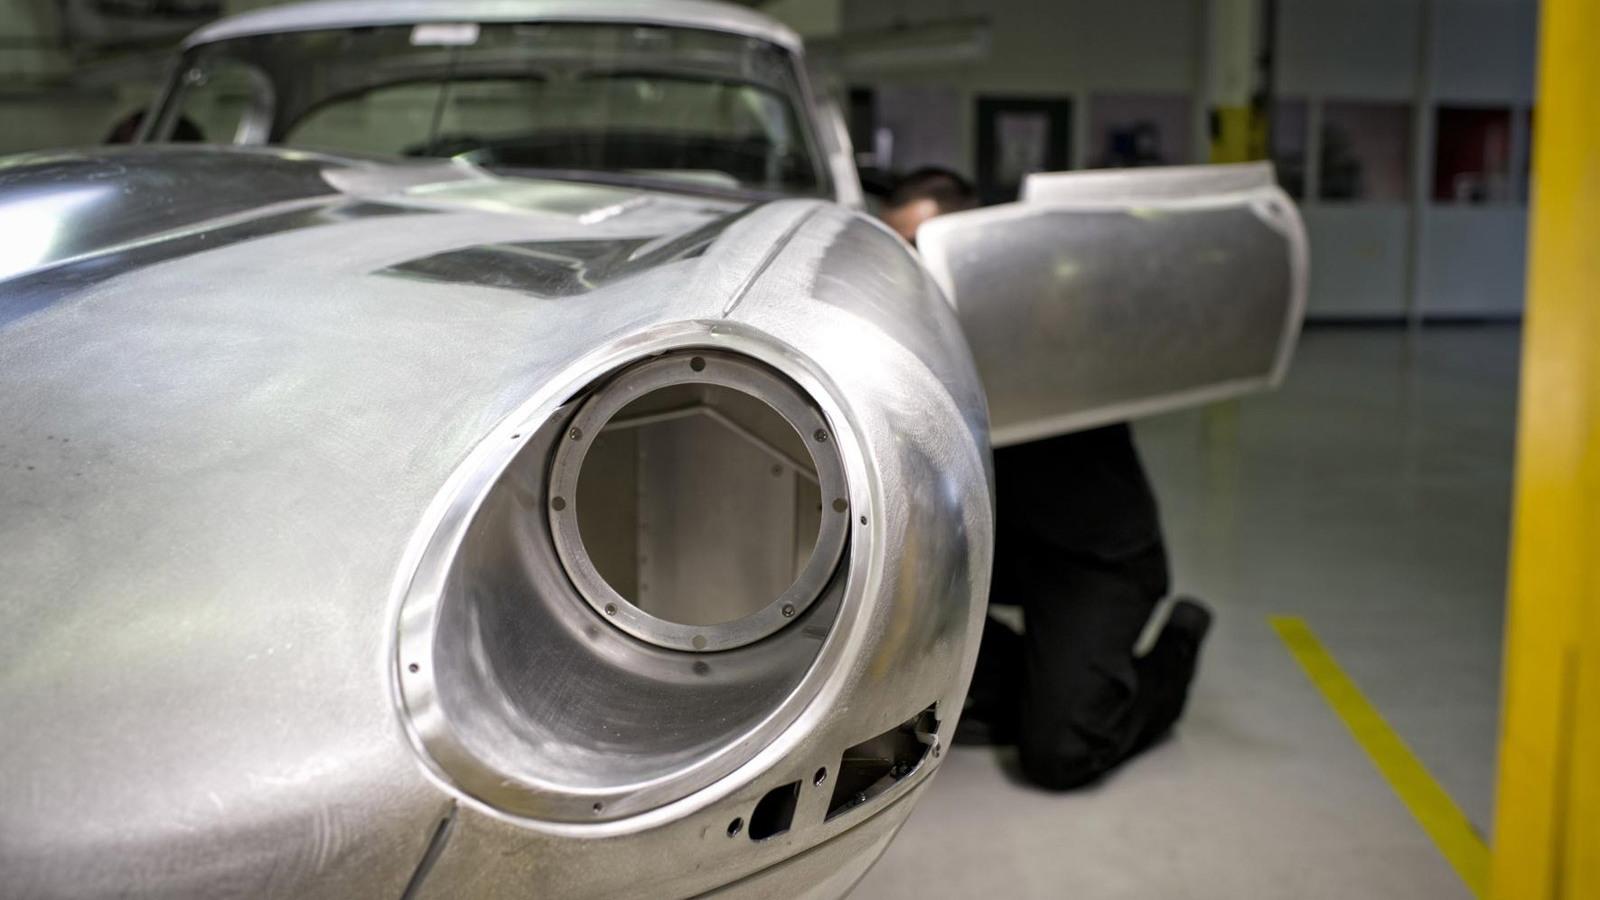 1963 Jaguar Lightweight E-Type recreation